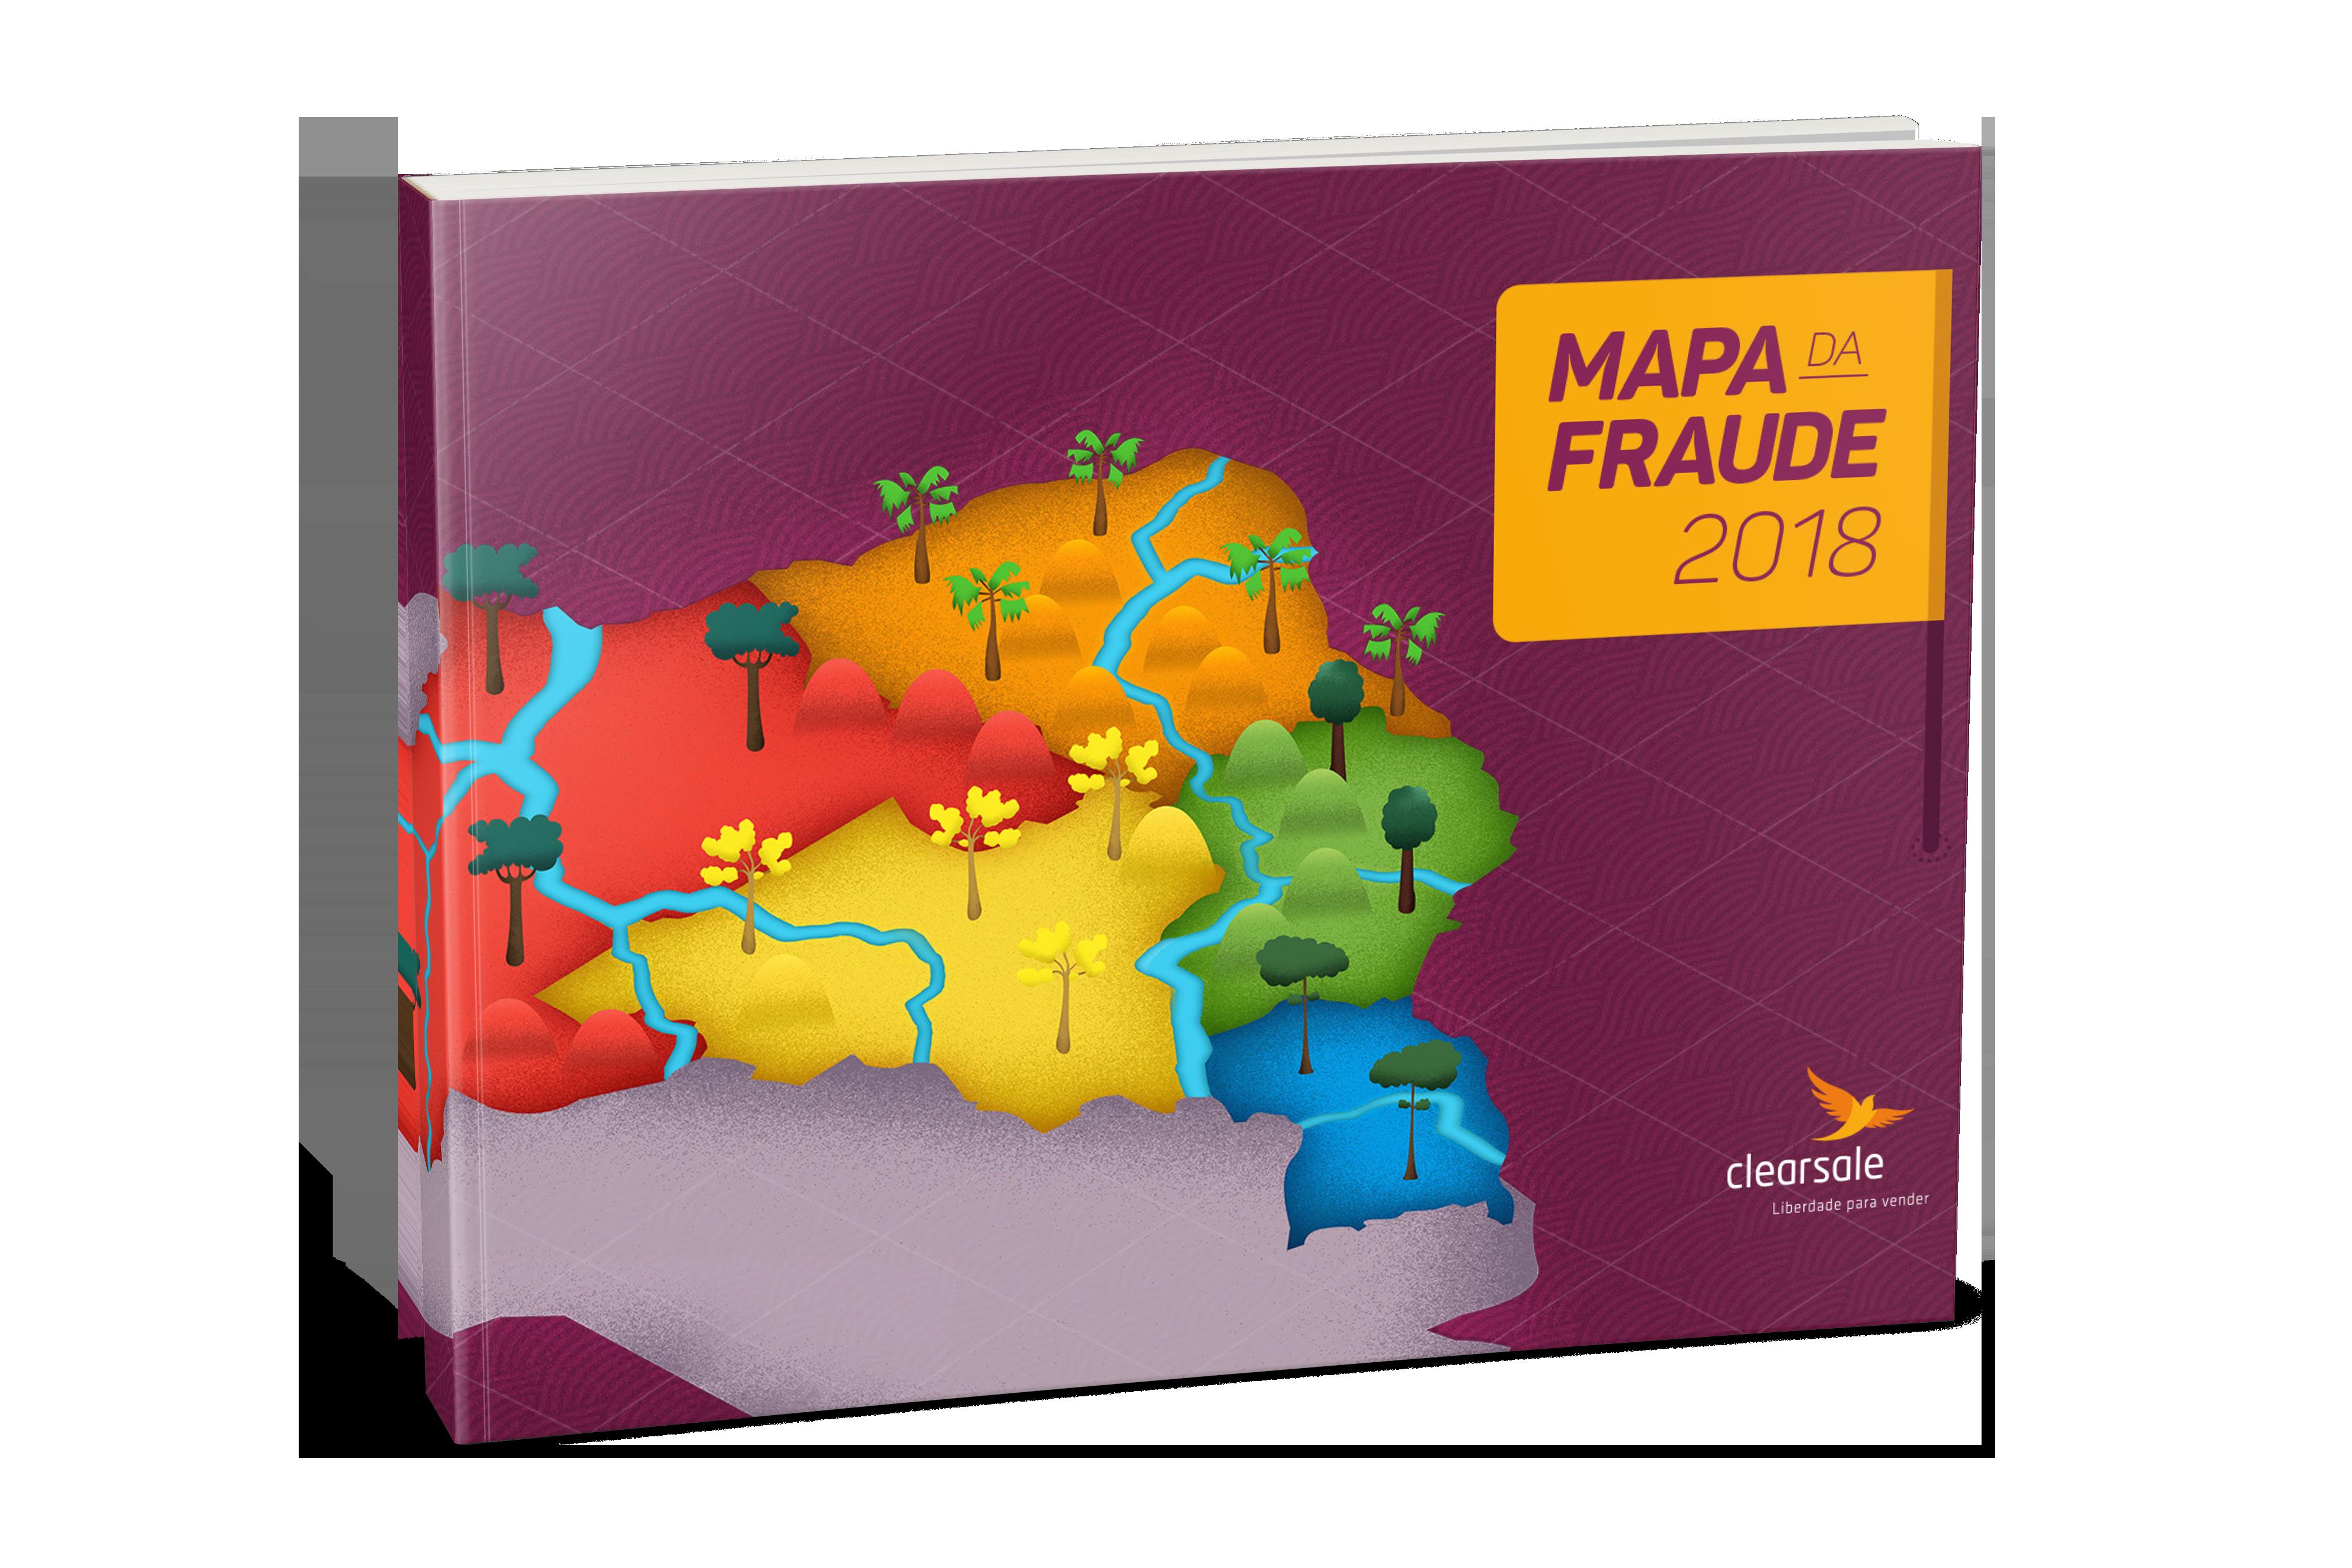 Mapa da Fraude ClearSale